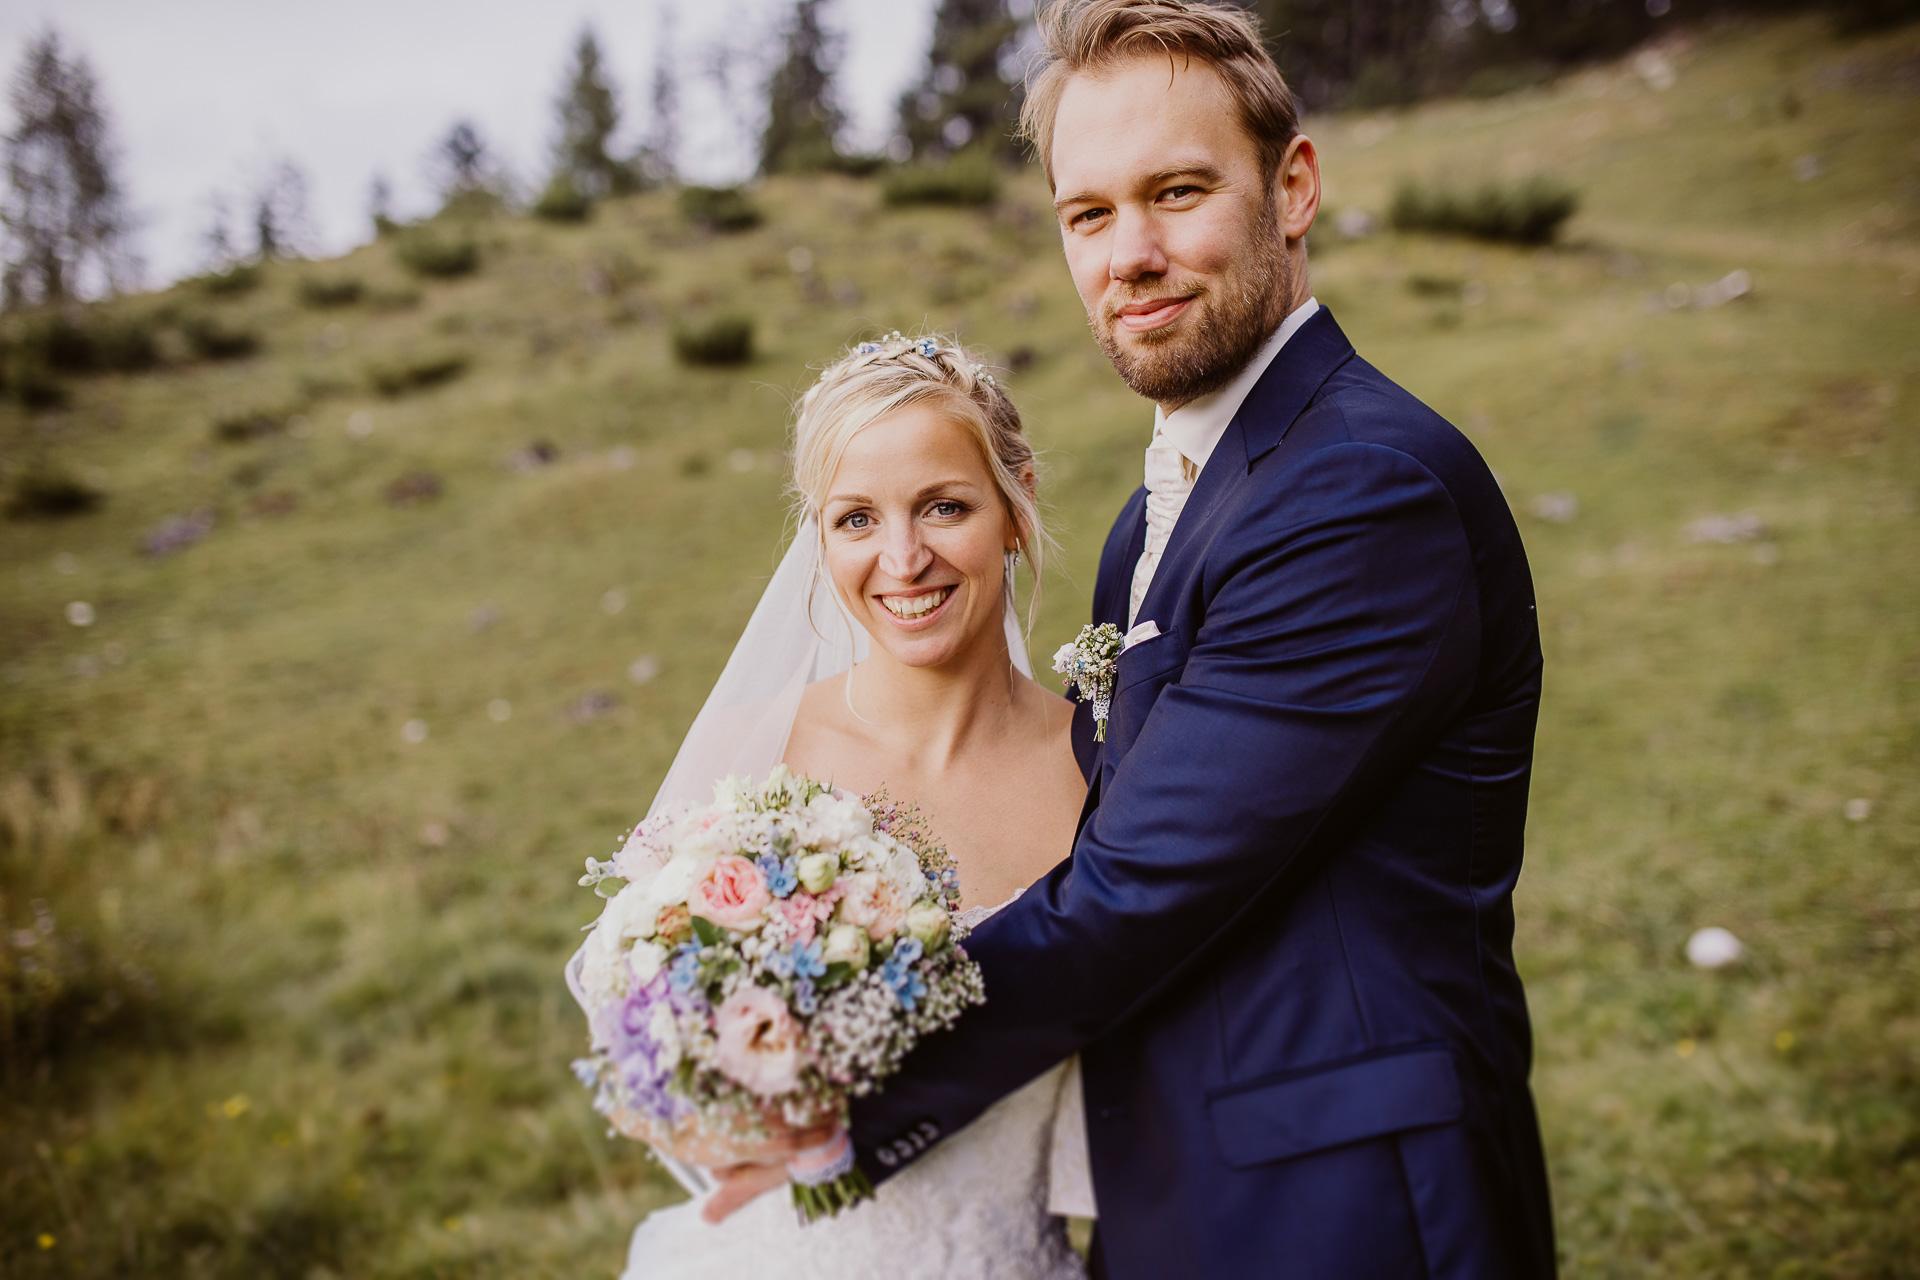 Alexander Utz, Fotografie, Hochzeit, Augsburg, Brautkleid, Brautstrauss-84